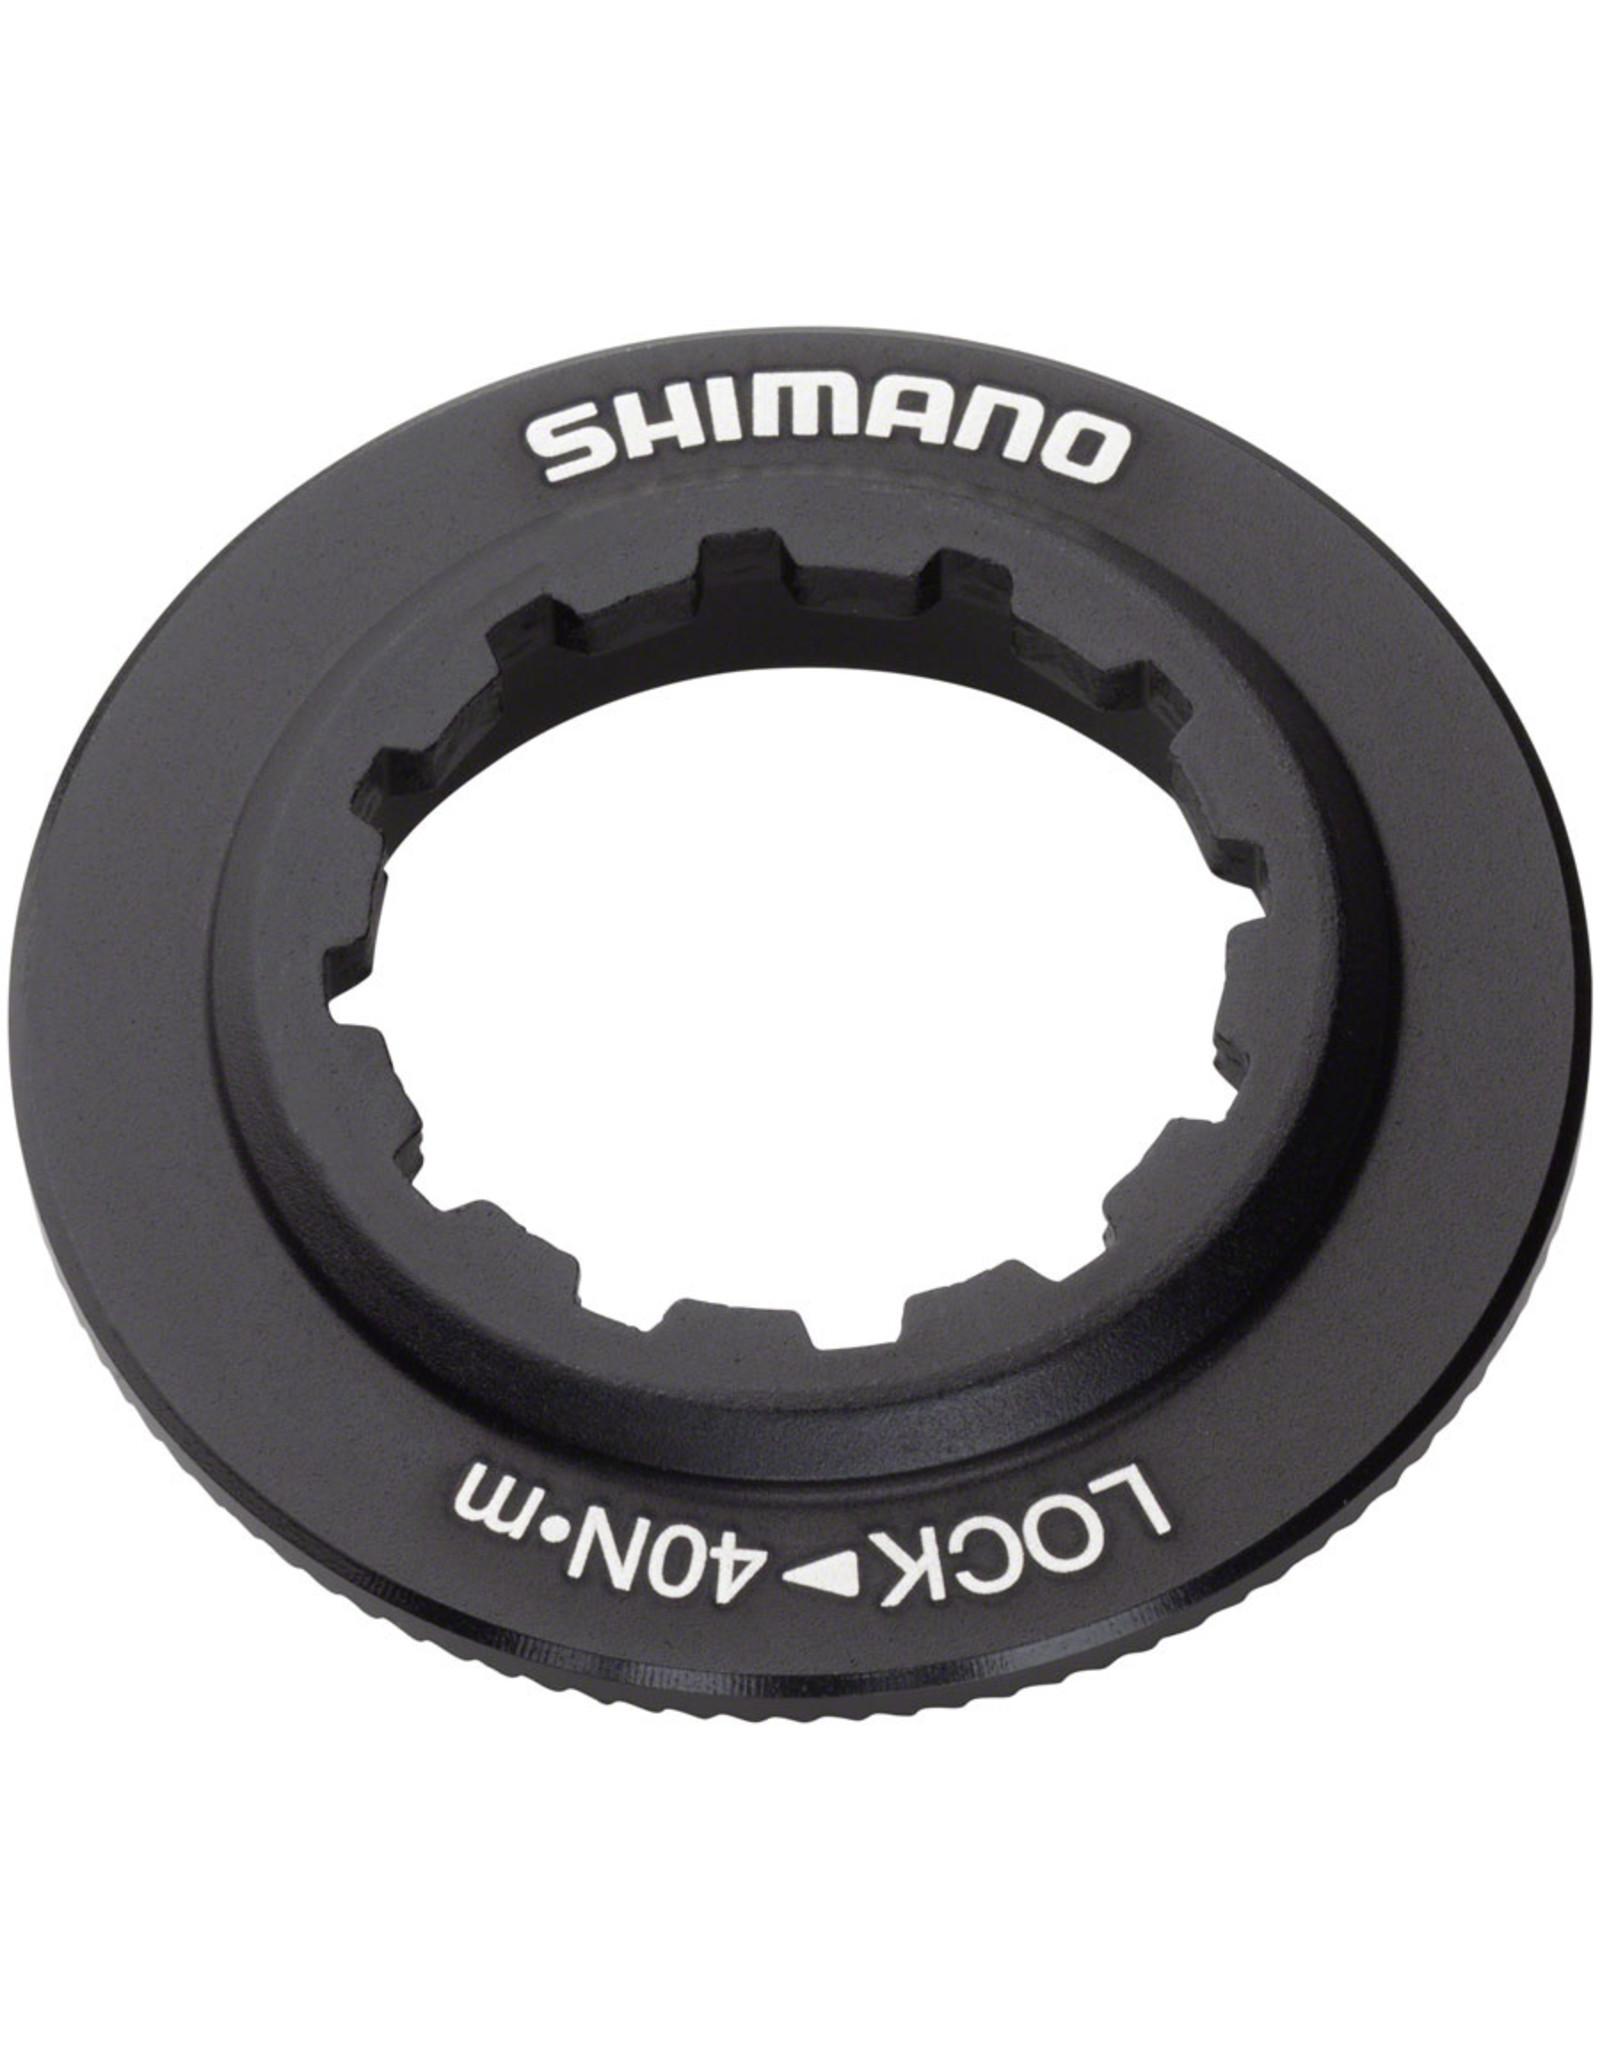 Shimano Shimano XT SM-RT81 Disc Brake Rotor Lock Ring and Washer